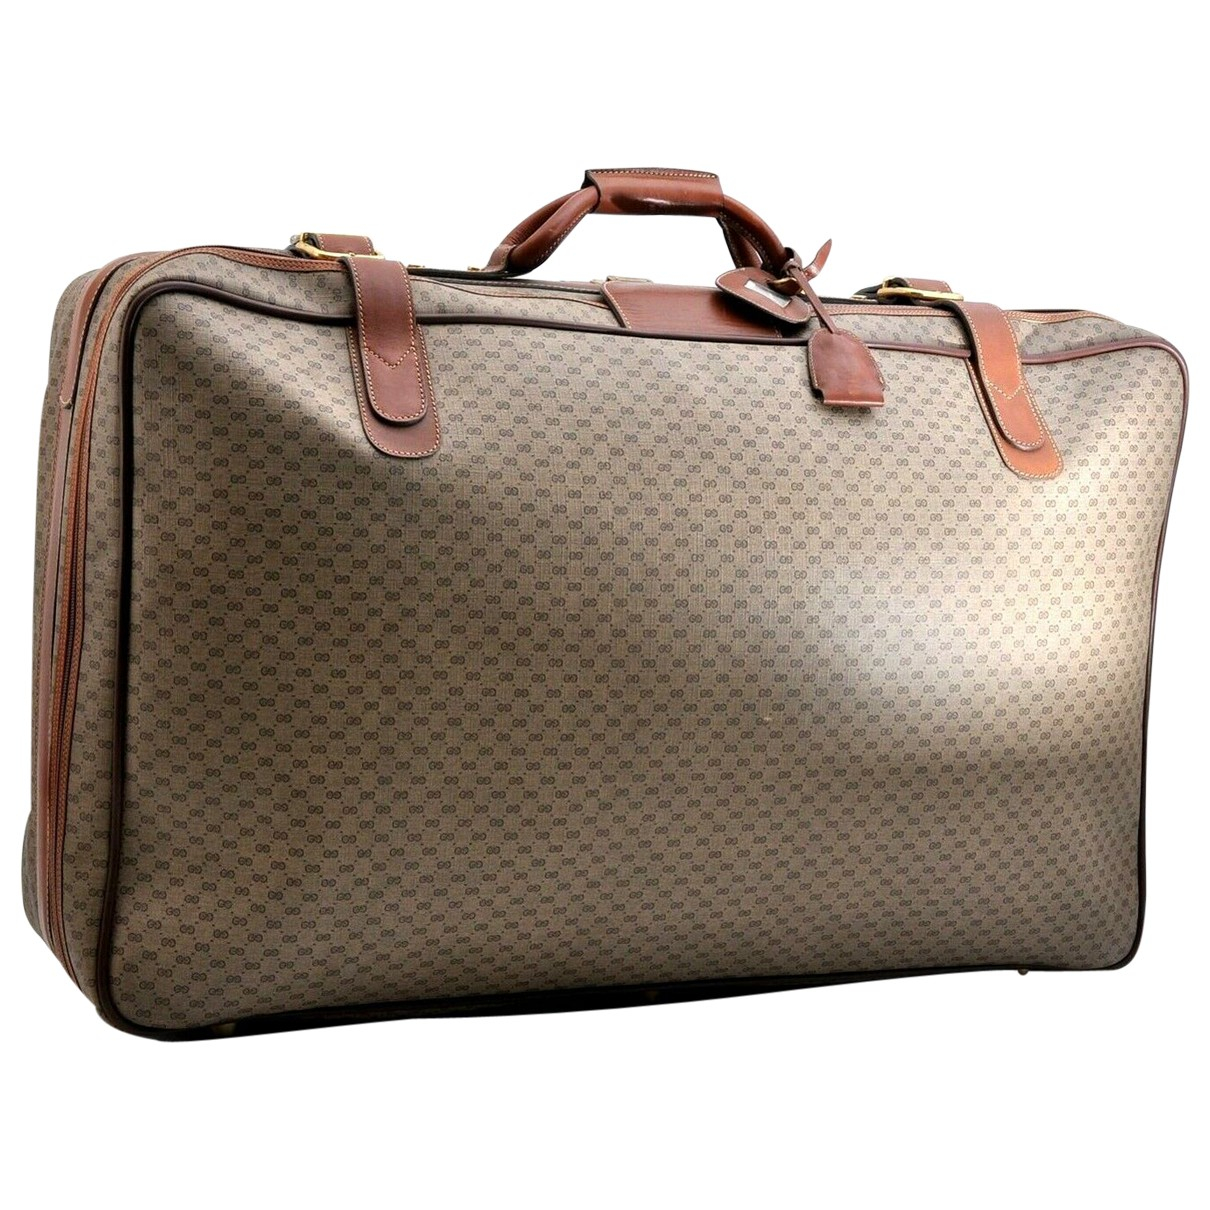 Gucci - Sac de voyage   pour femme en toile - marron